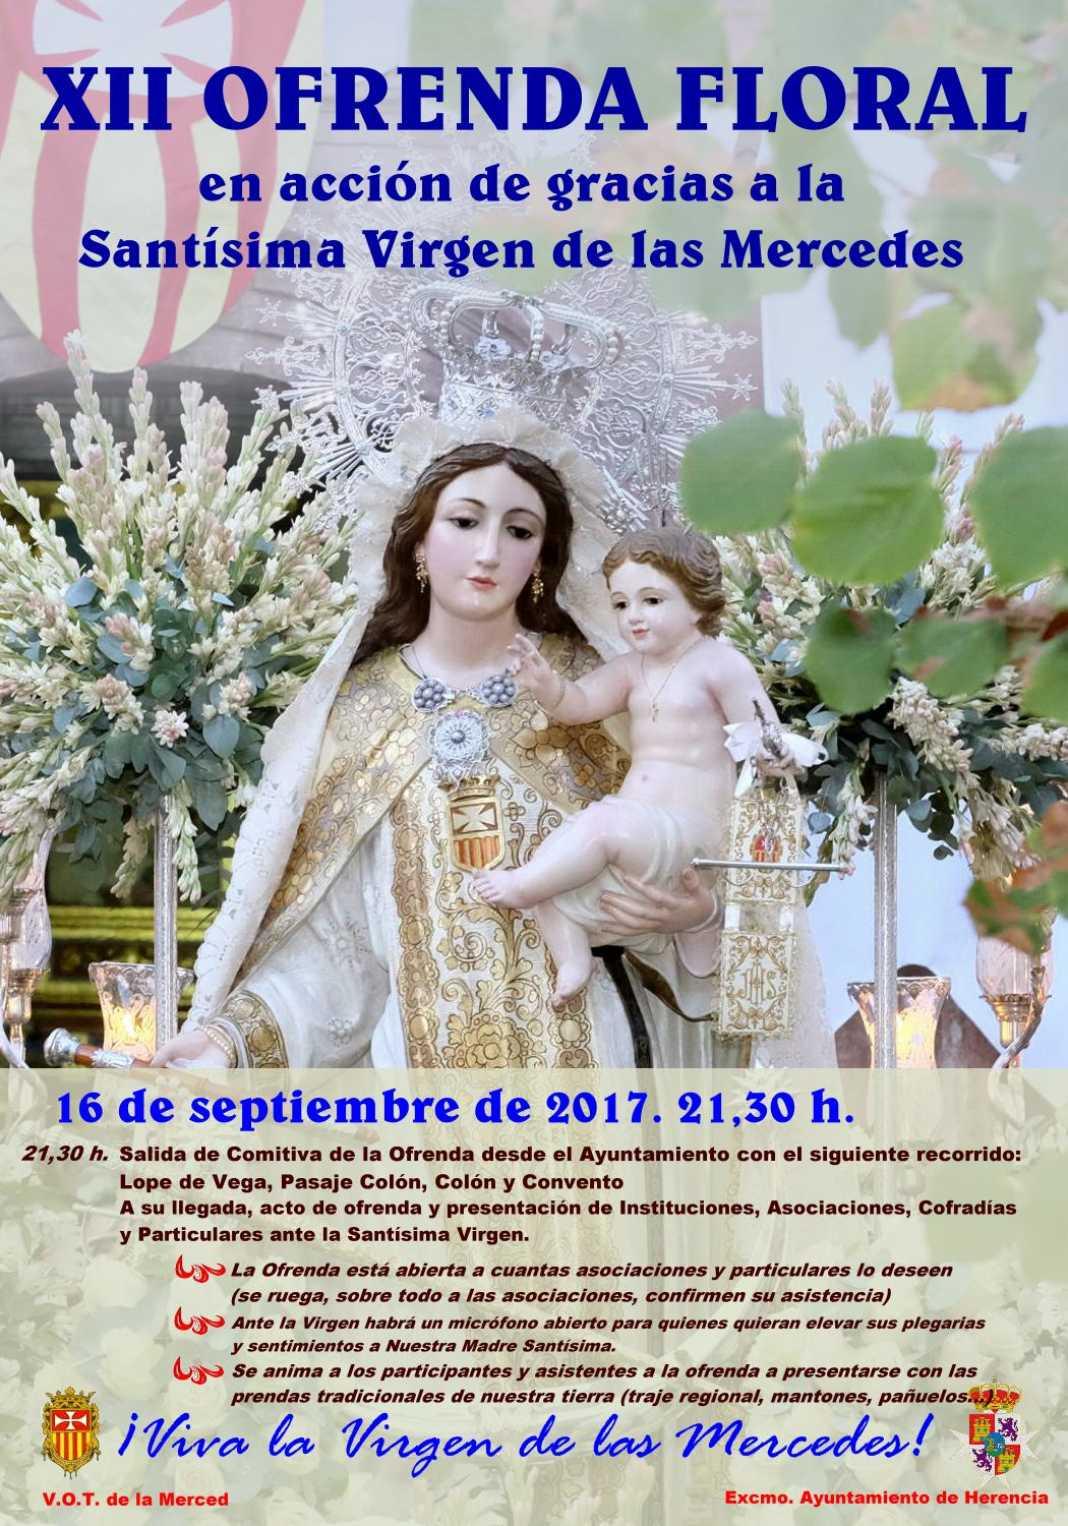 XII Ofrenda floral a la Virgen de las Mercedes 2